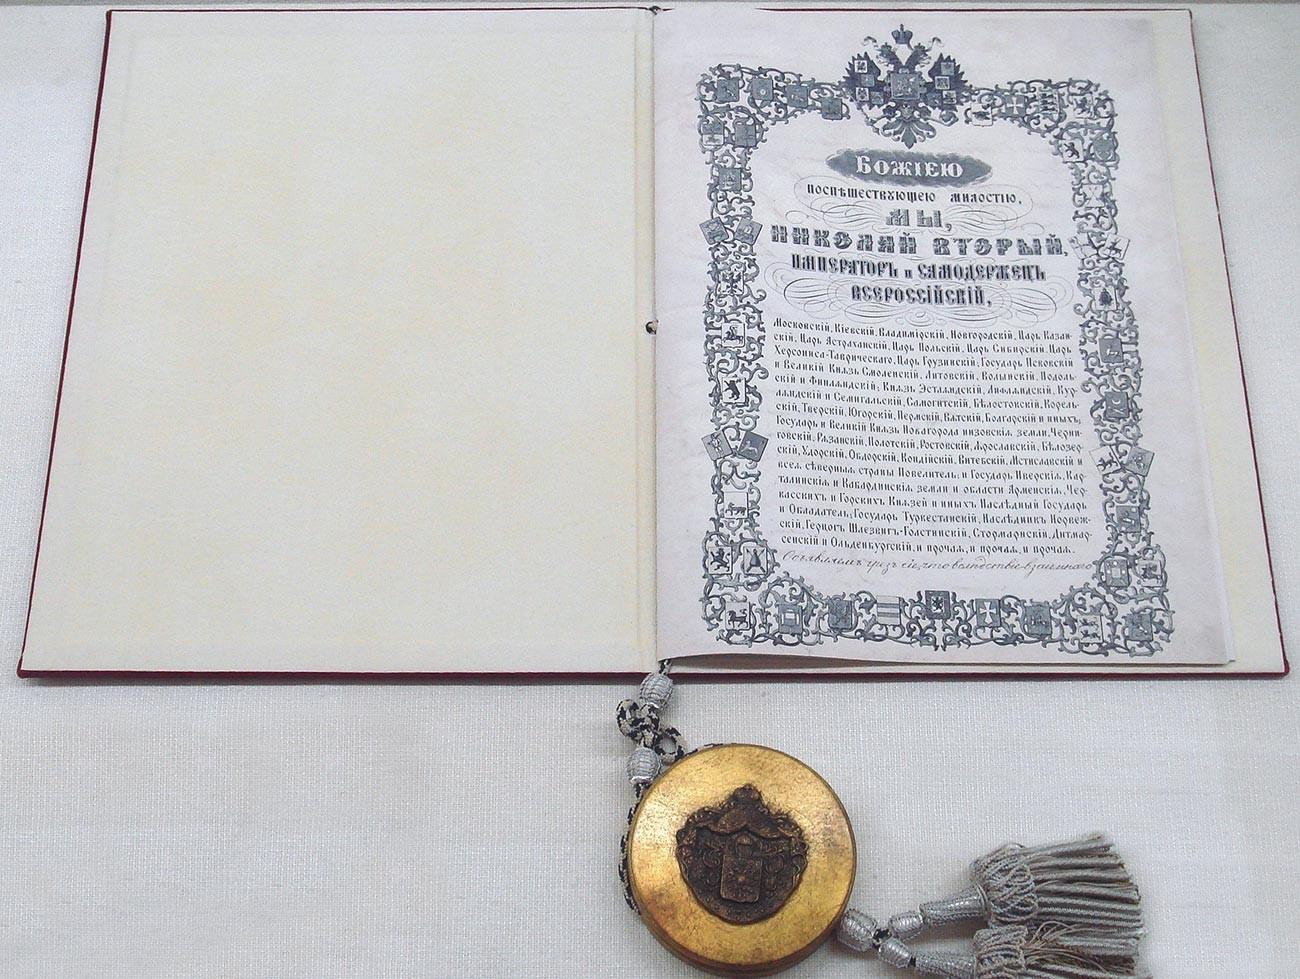 Ratifikacija Portsmouthskog mirovnog sporazuma između Japana i Rusije, 25. studenog 1905.